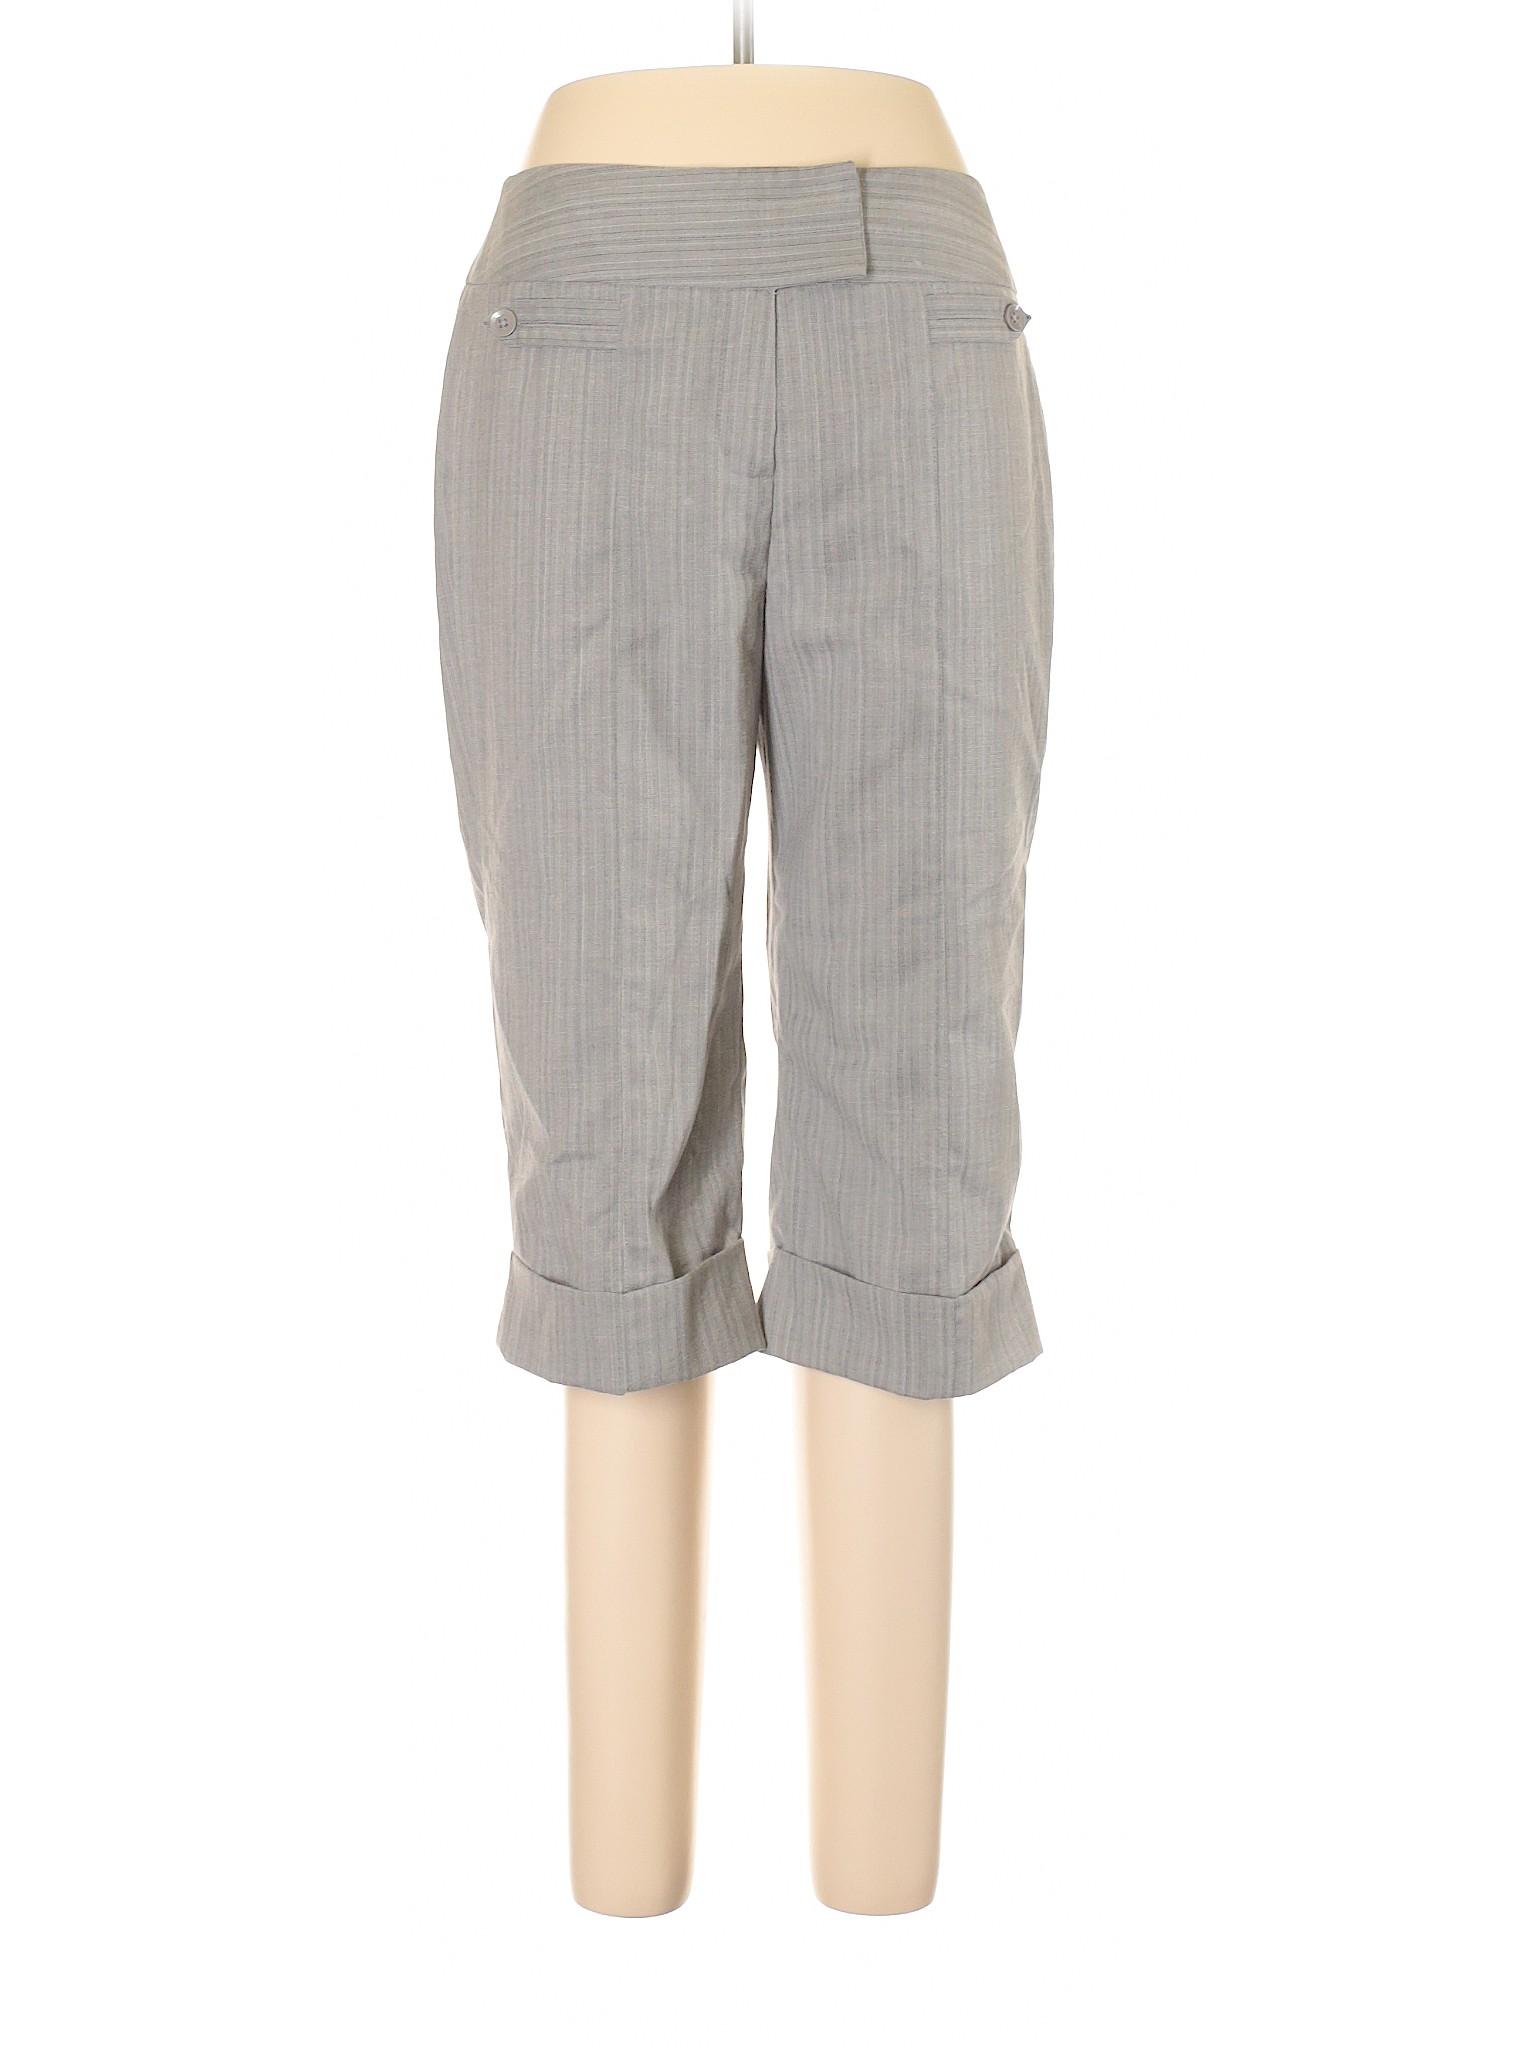 leisure Larry Dress Pants Boutique Levine d5qwnxCH